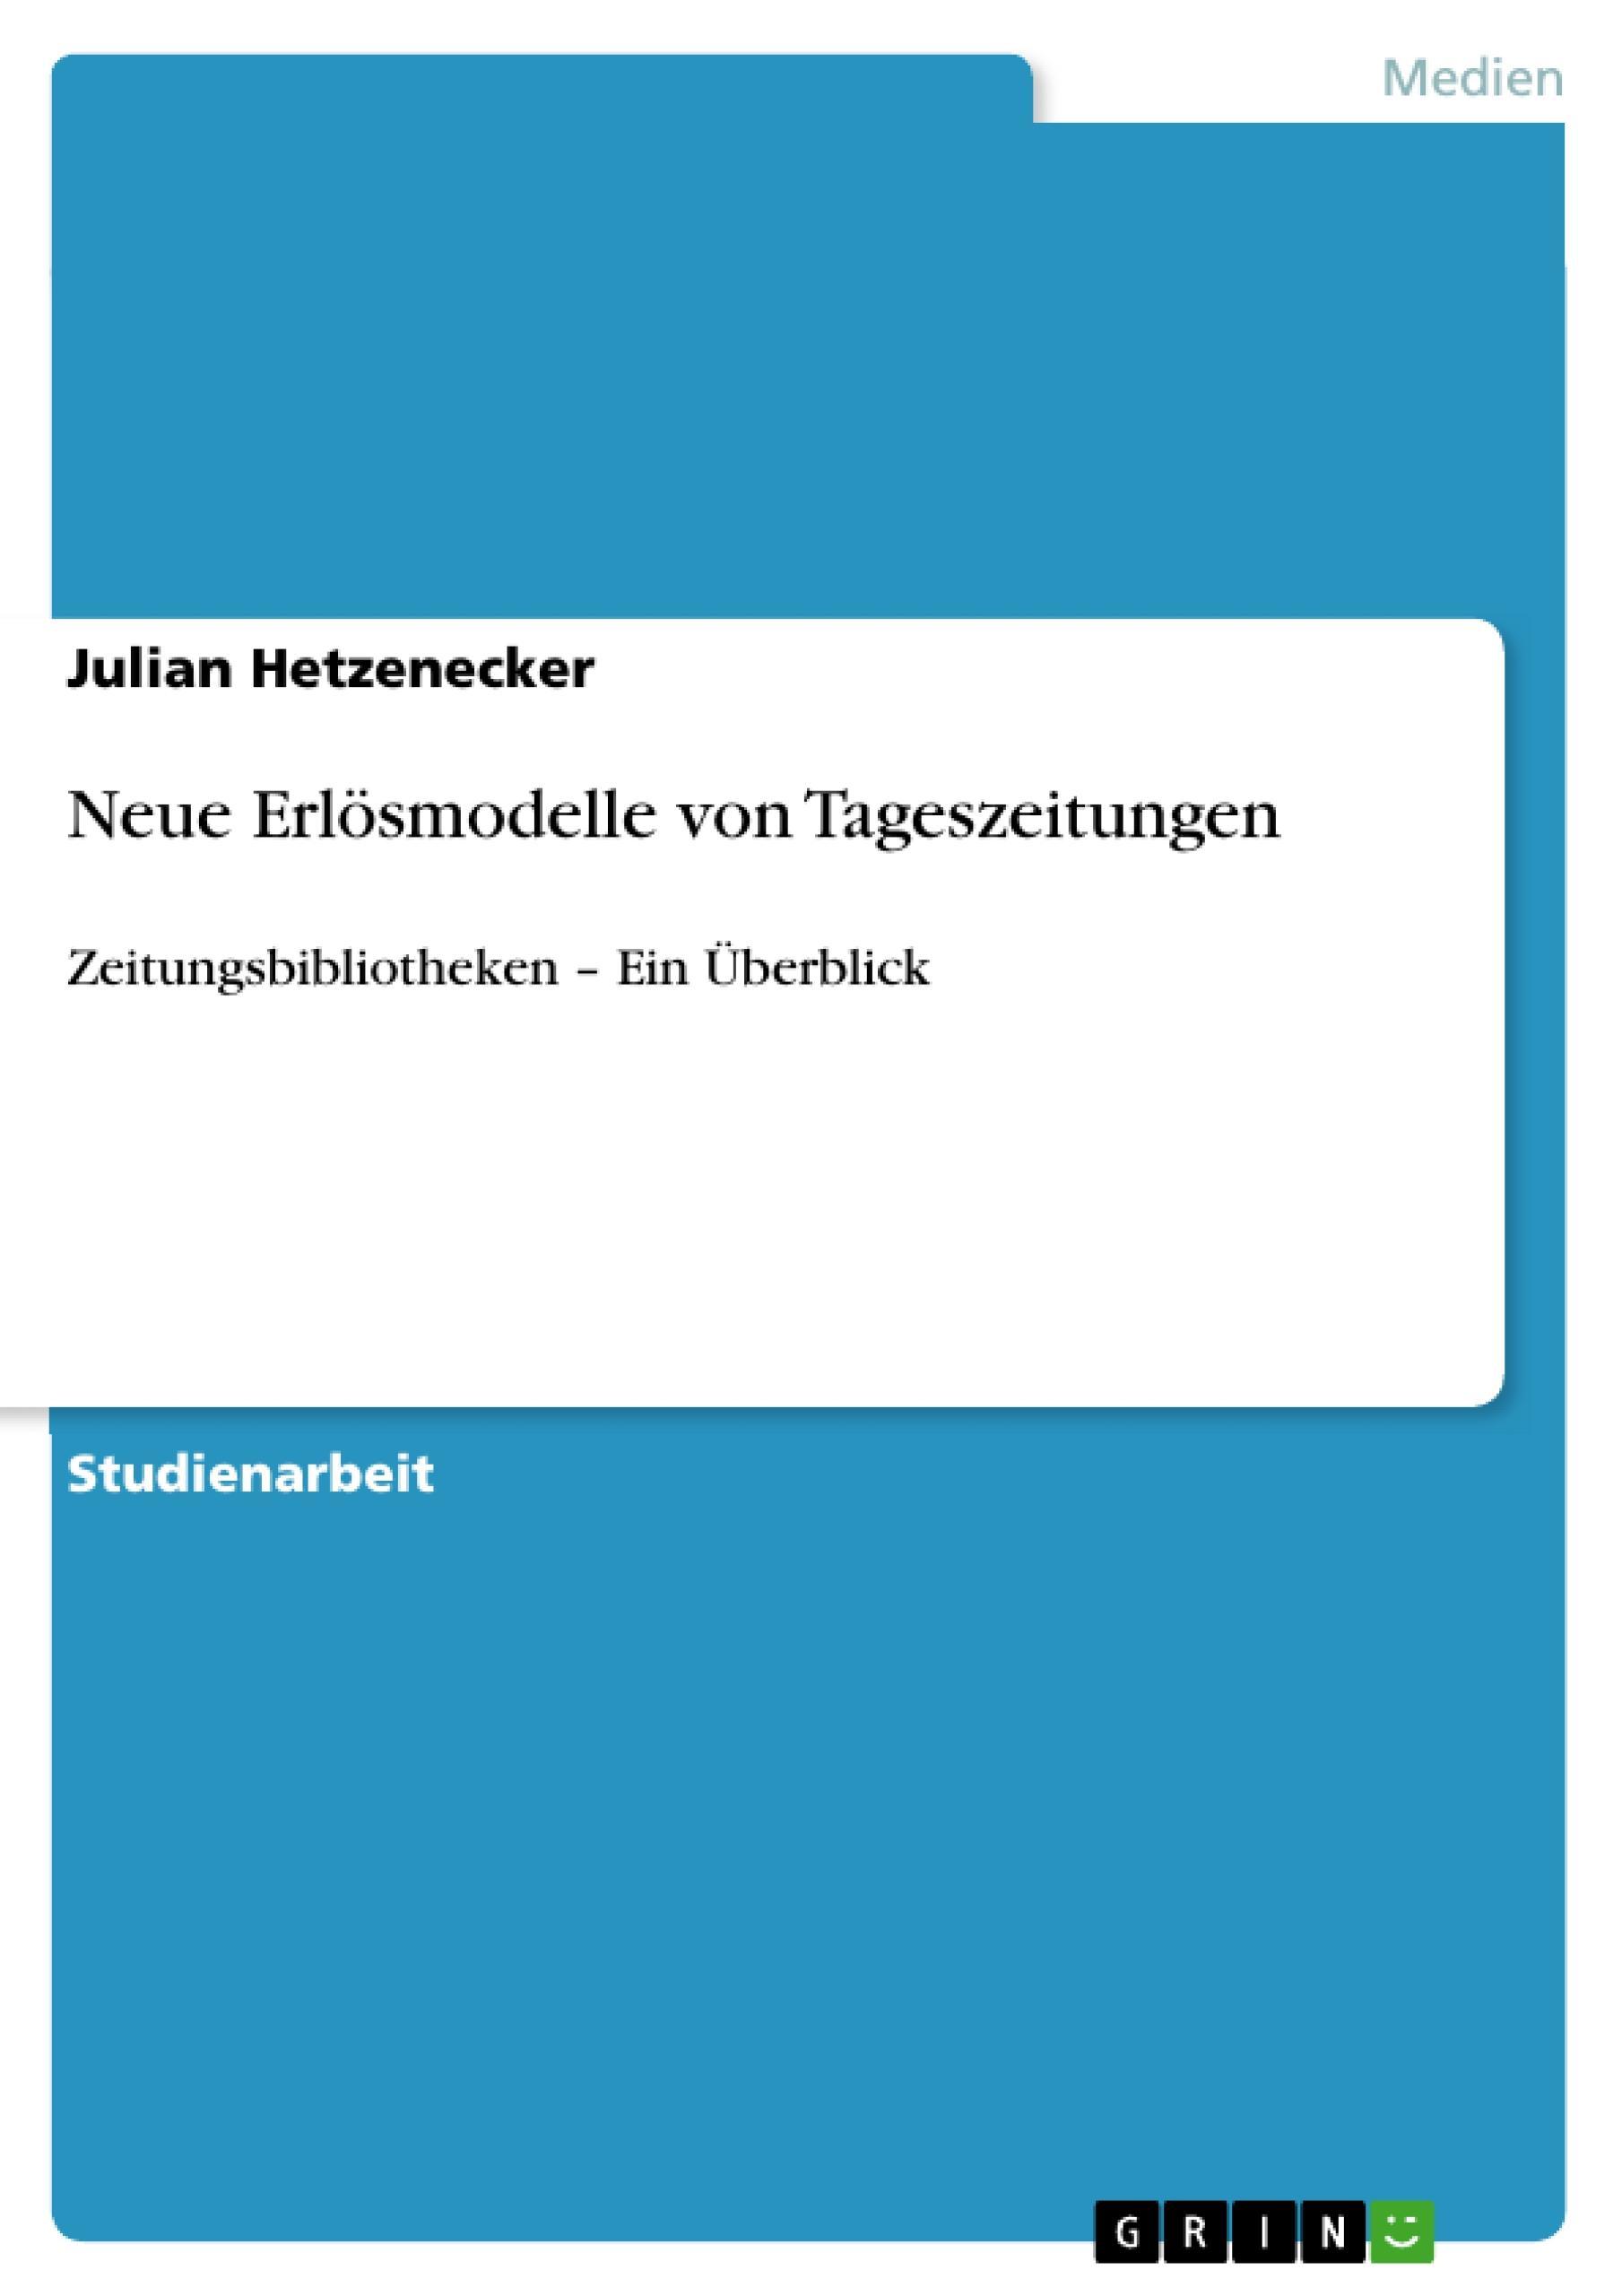 Neue Erlösmodelle von Tageszeitungen  Zeitungsbibliotheken - Ein Überblick  Julian Hetzenecker  Taschenbuch  Deutsch  2010 - Hetzenecker, Julian